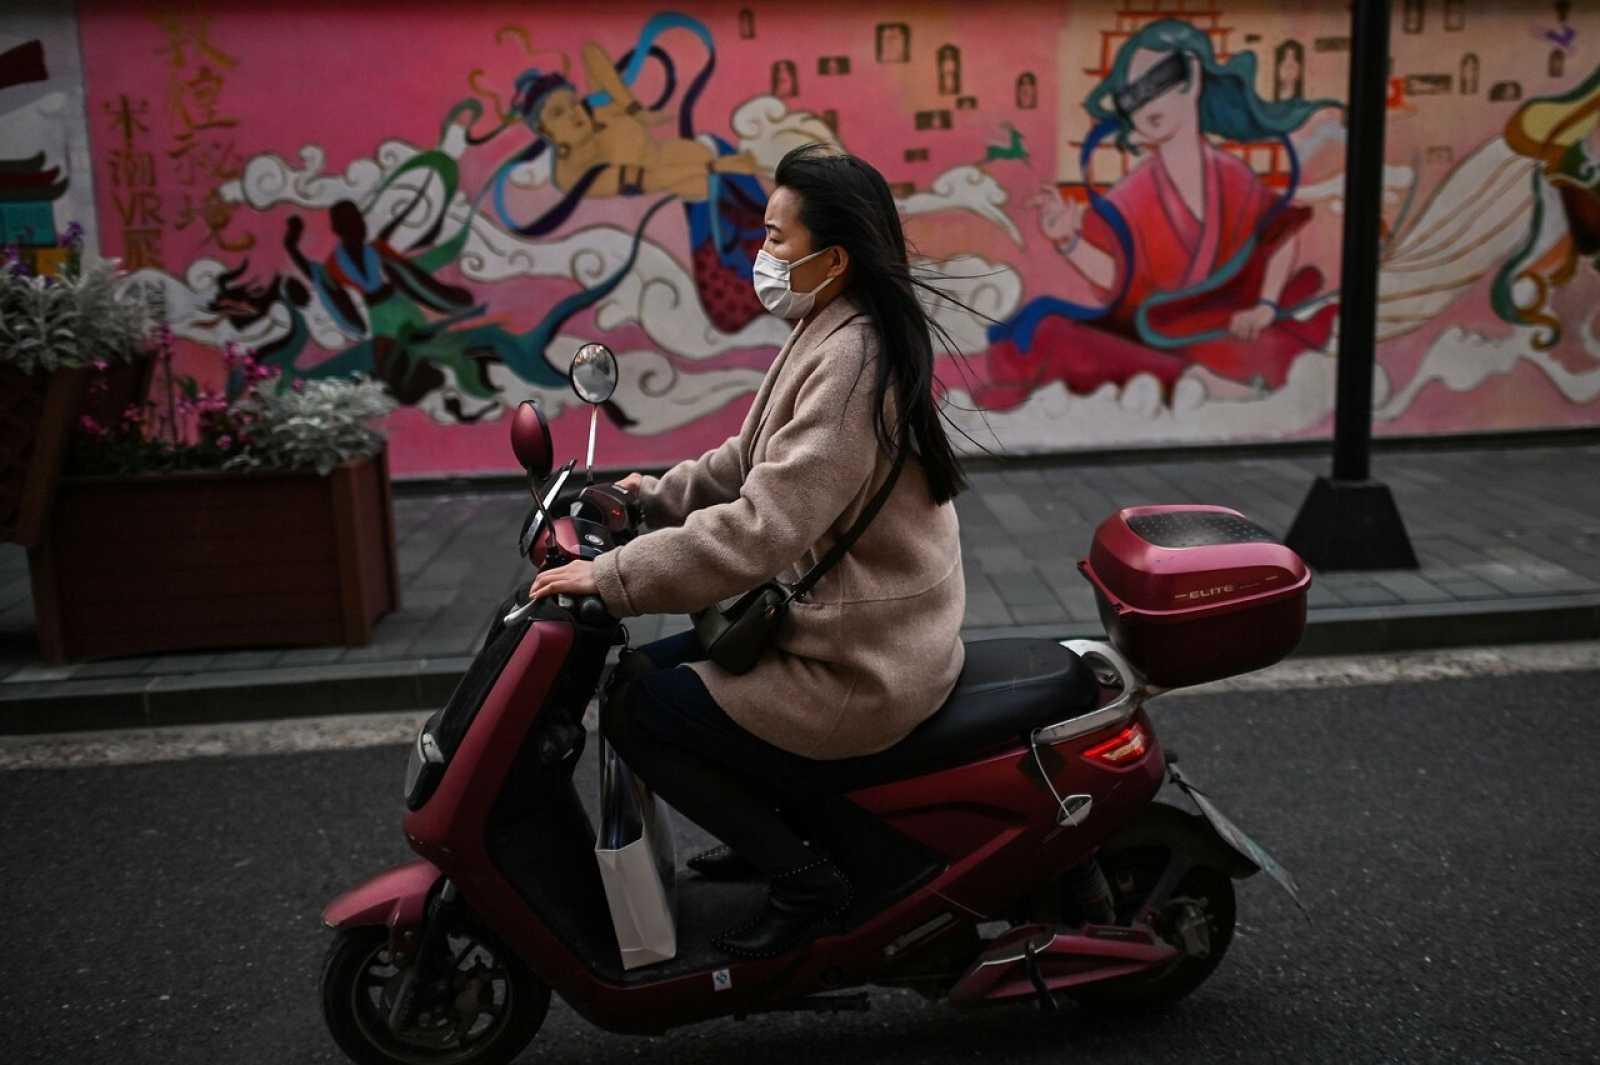 Una mujer con mascarilla monta en moto